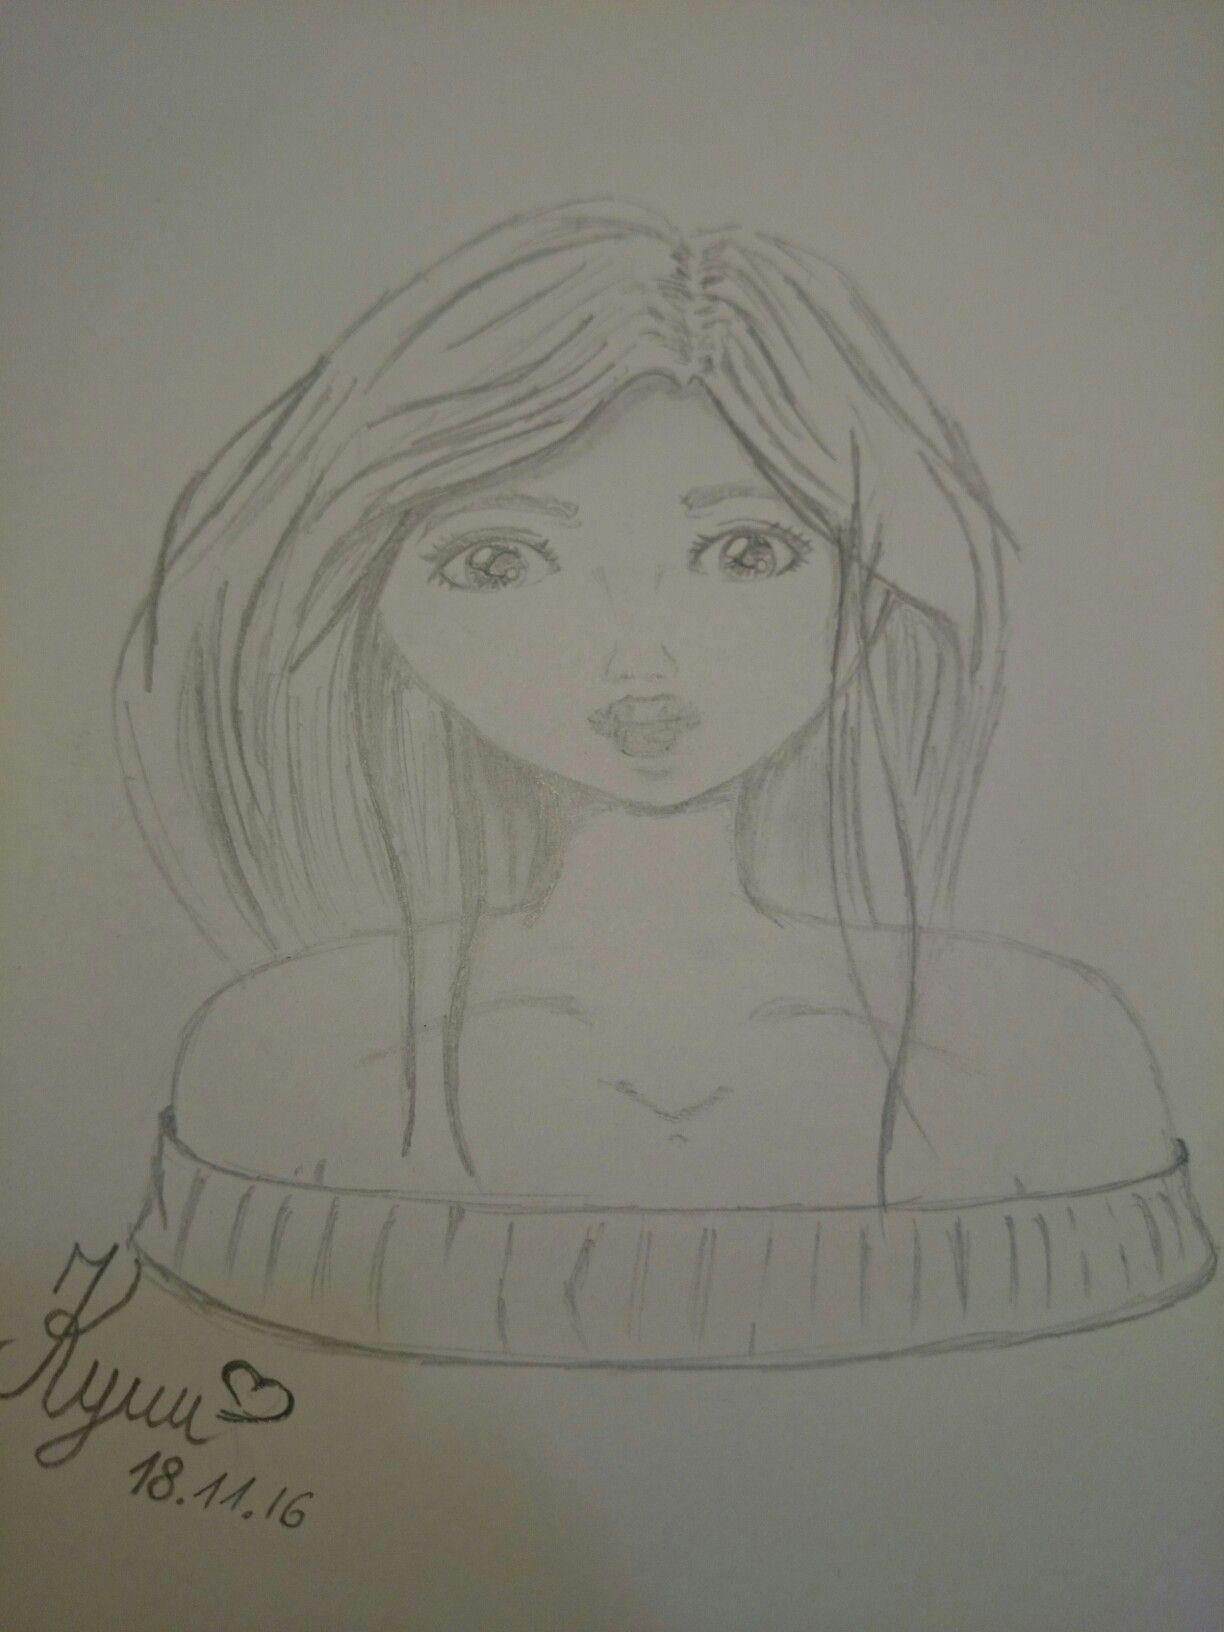 Seit langem mal wieder etwas gezeichnet habe mal versucht etwas realistischer zu zeichnen. Was sagt ihr?